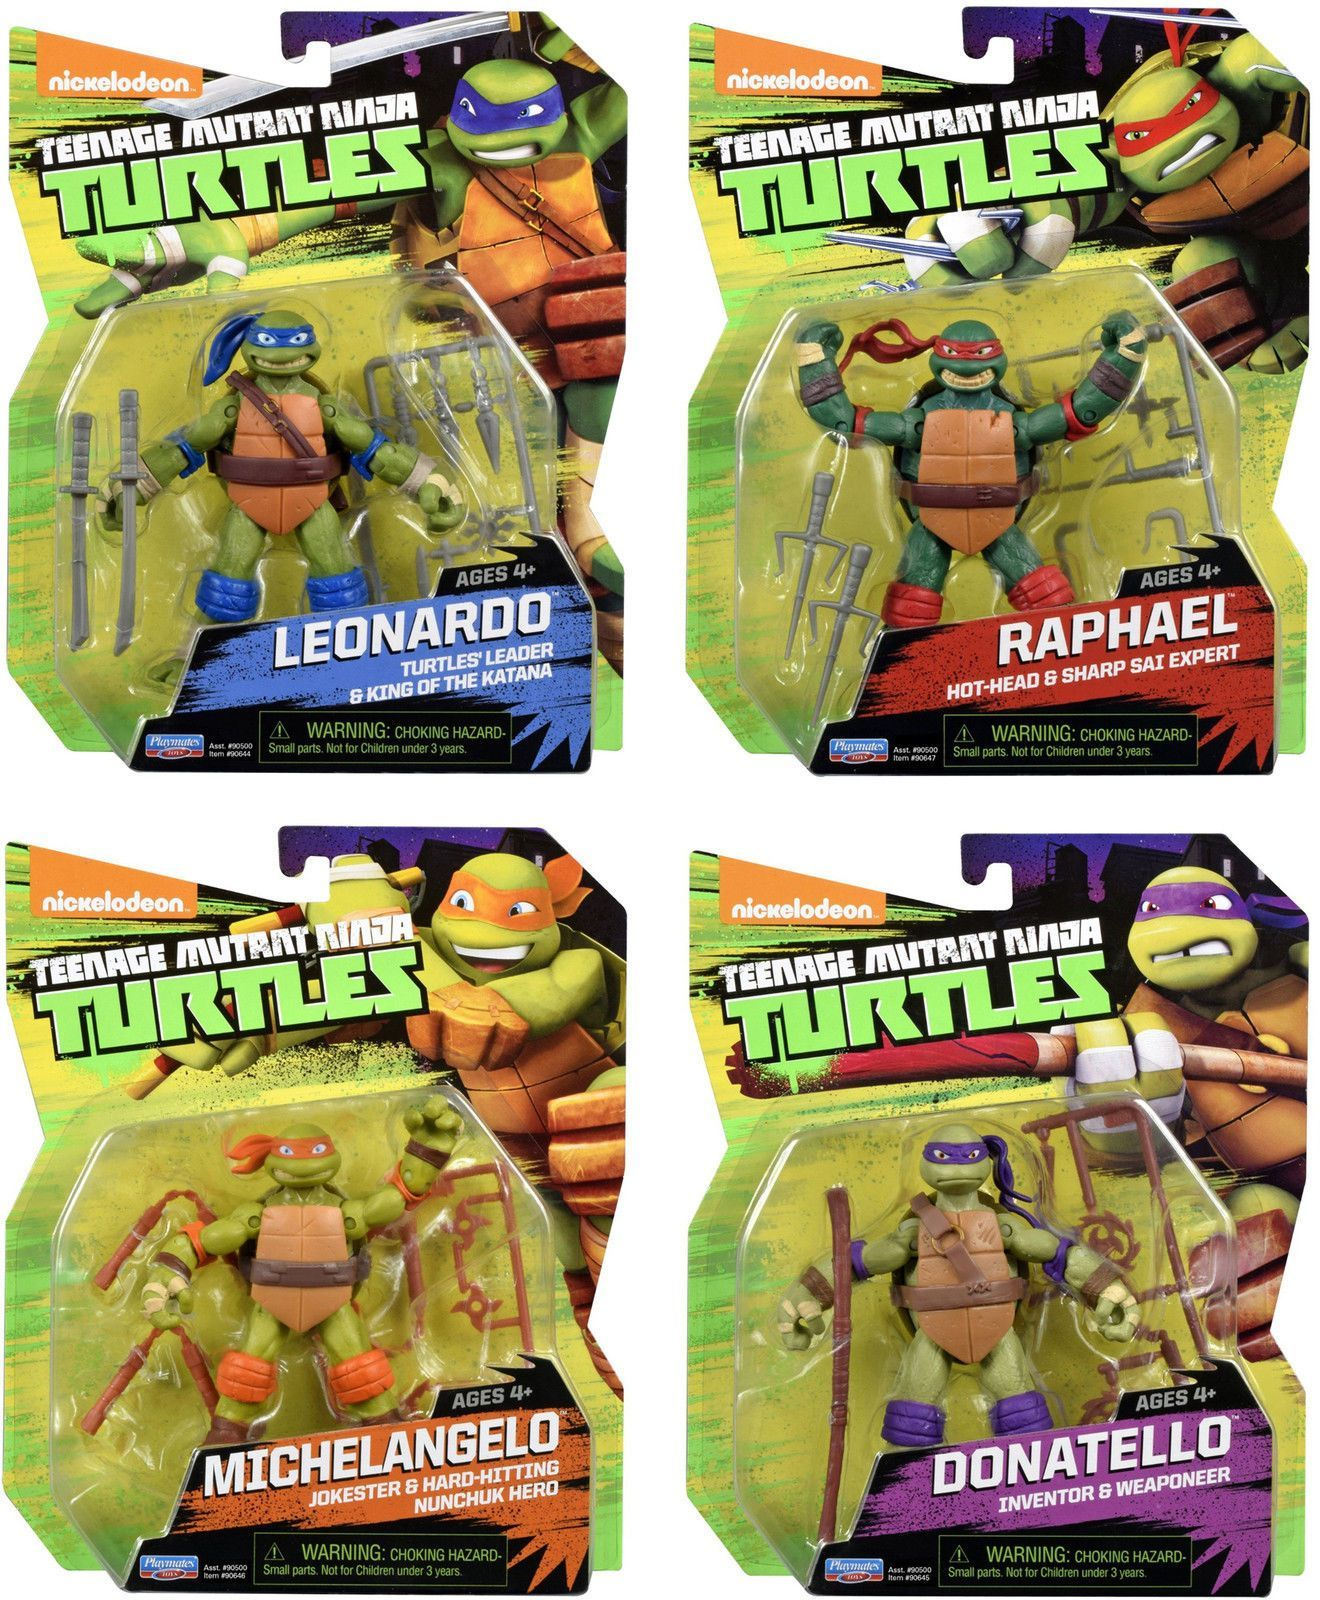 Teenage Mutant Ninja Turtles Teenage Mutant Ninja Turtles Toy